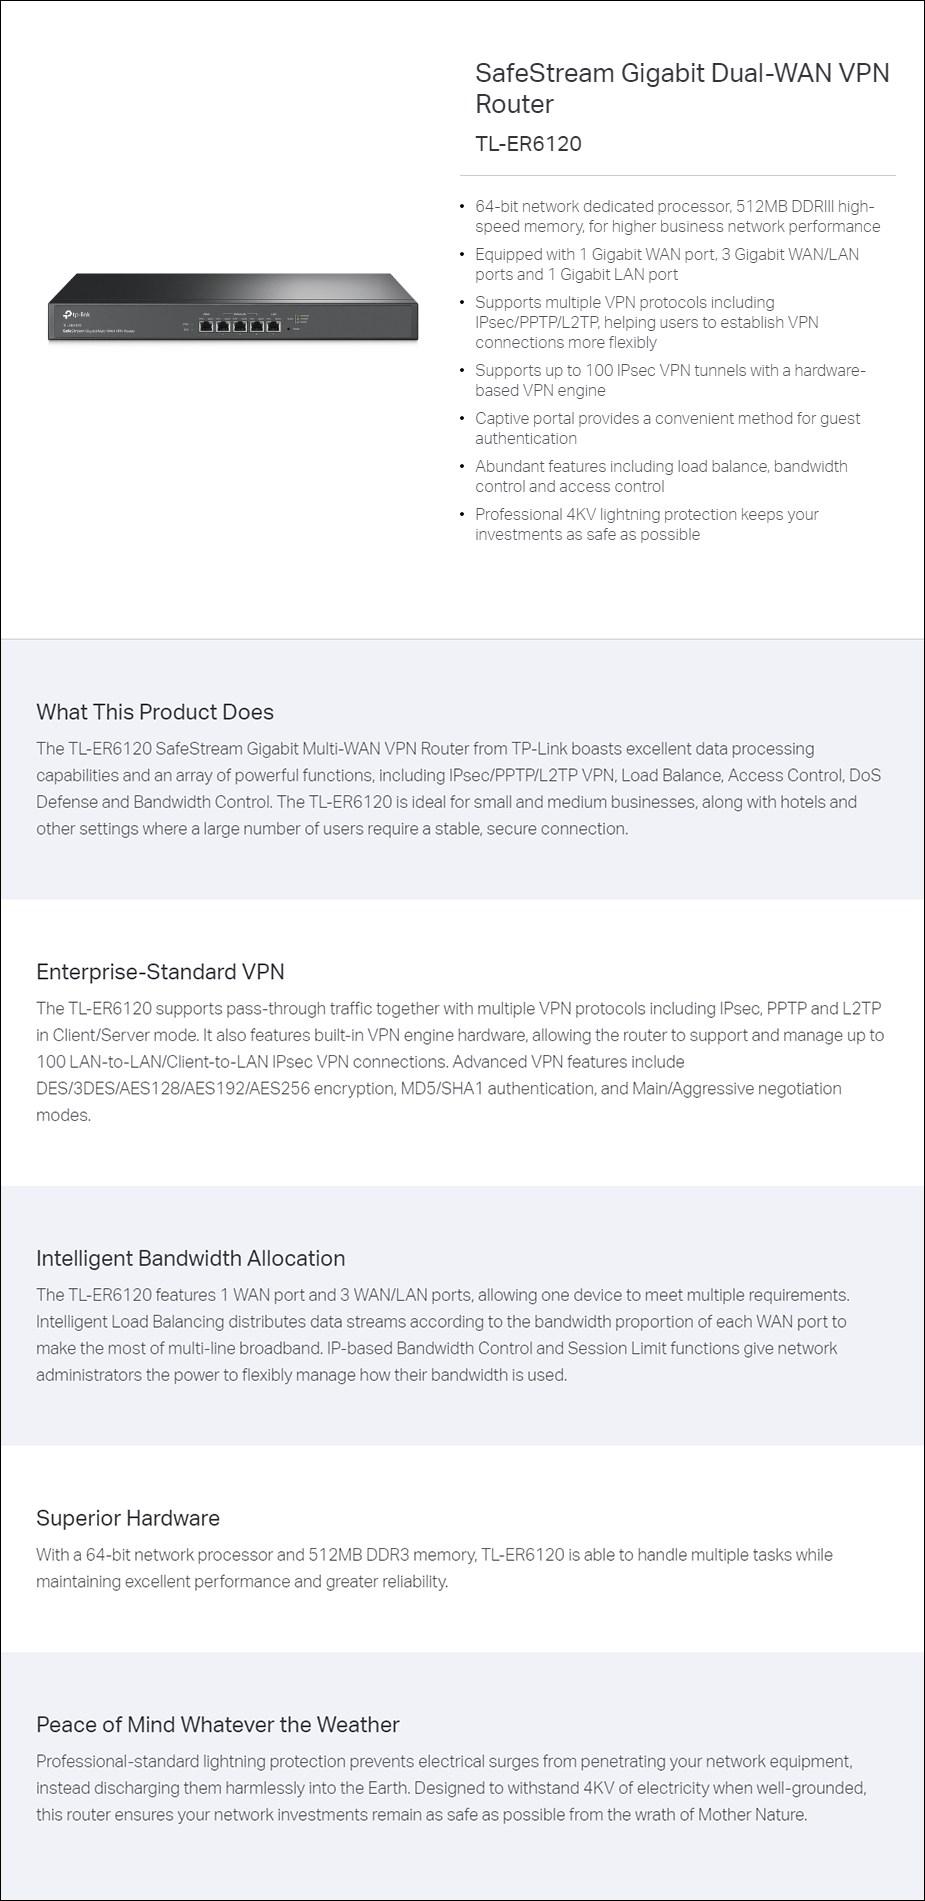 TP-LINK TL-ER6120 Safestream Gigabit Dual-Wan VPN Router - Overview 1